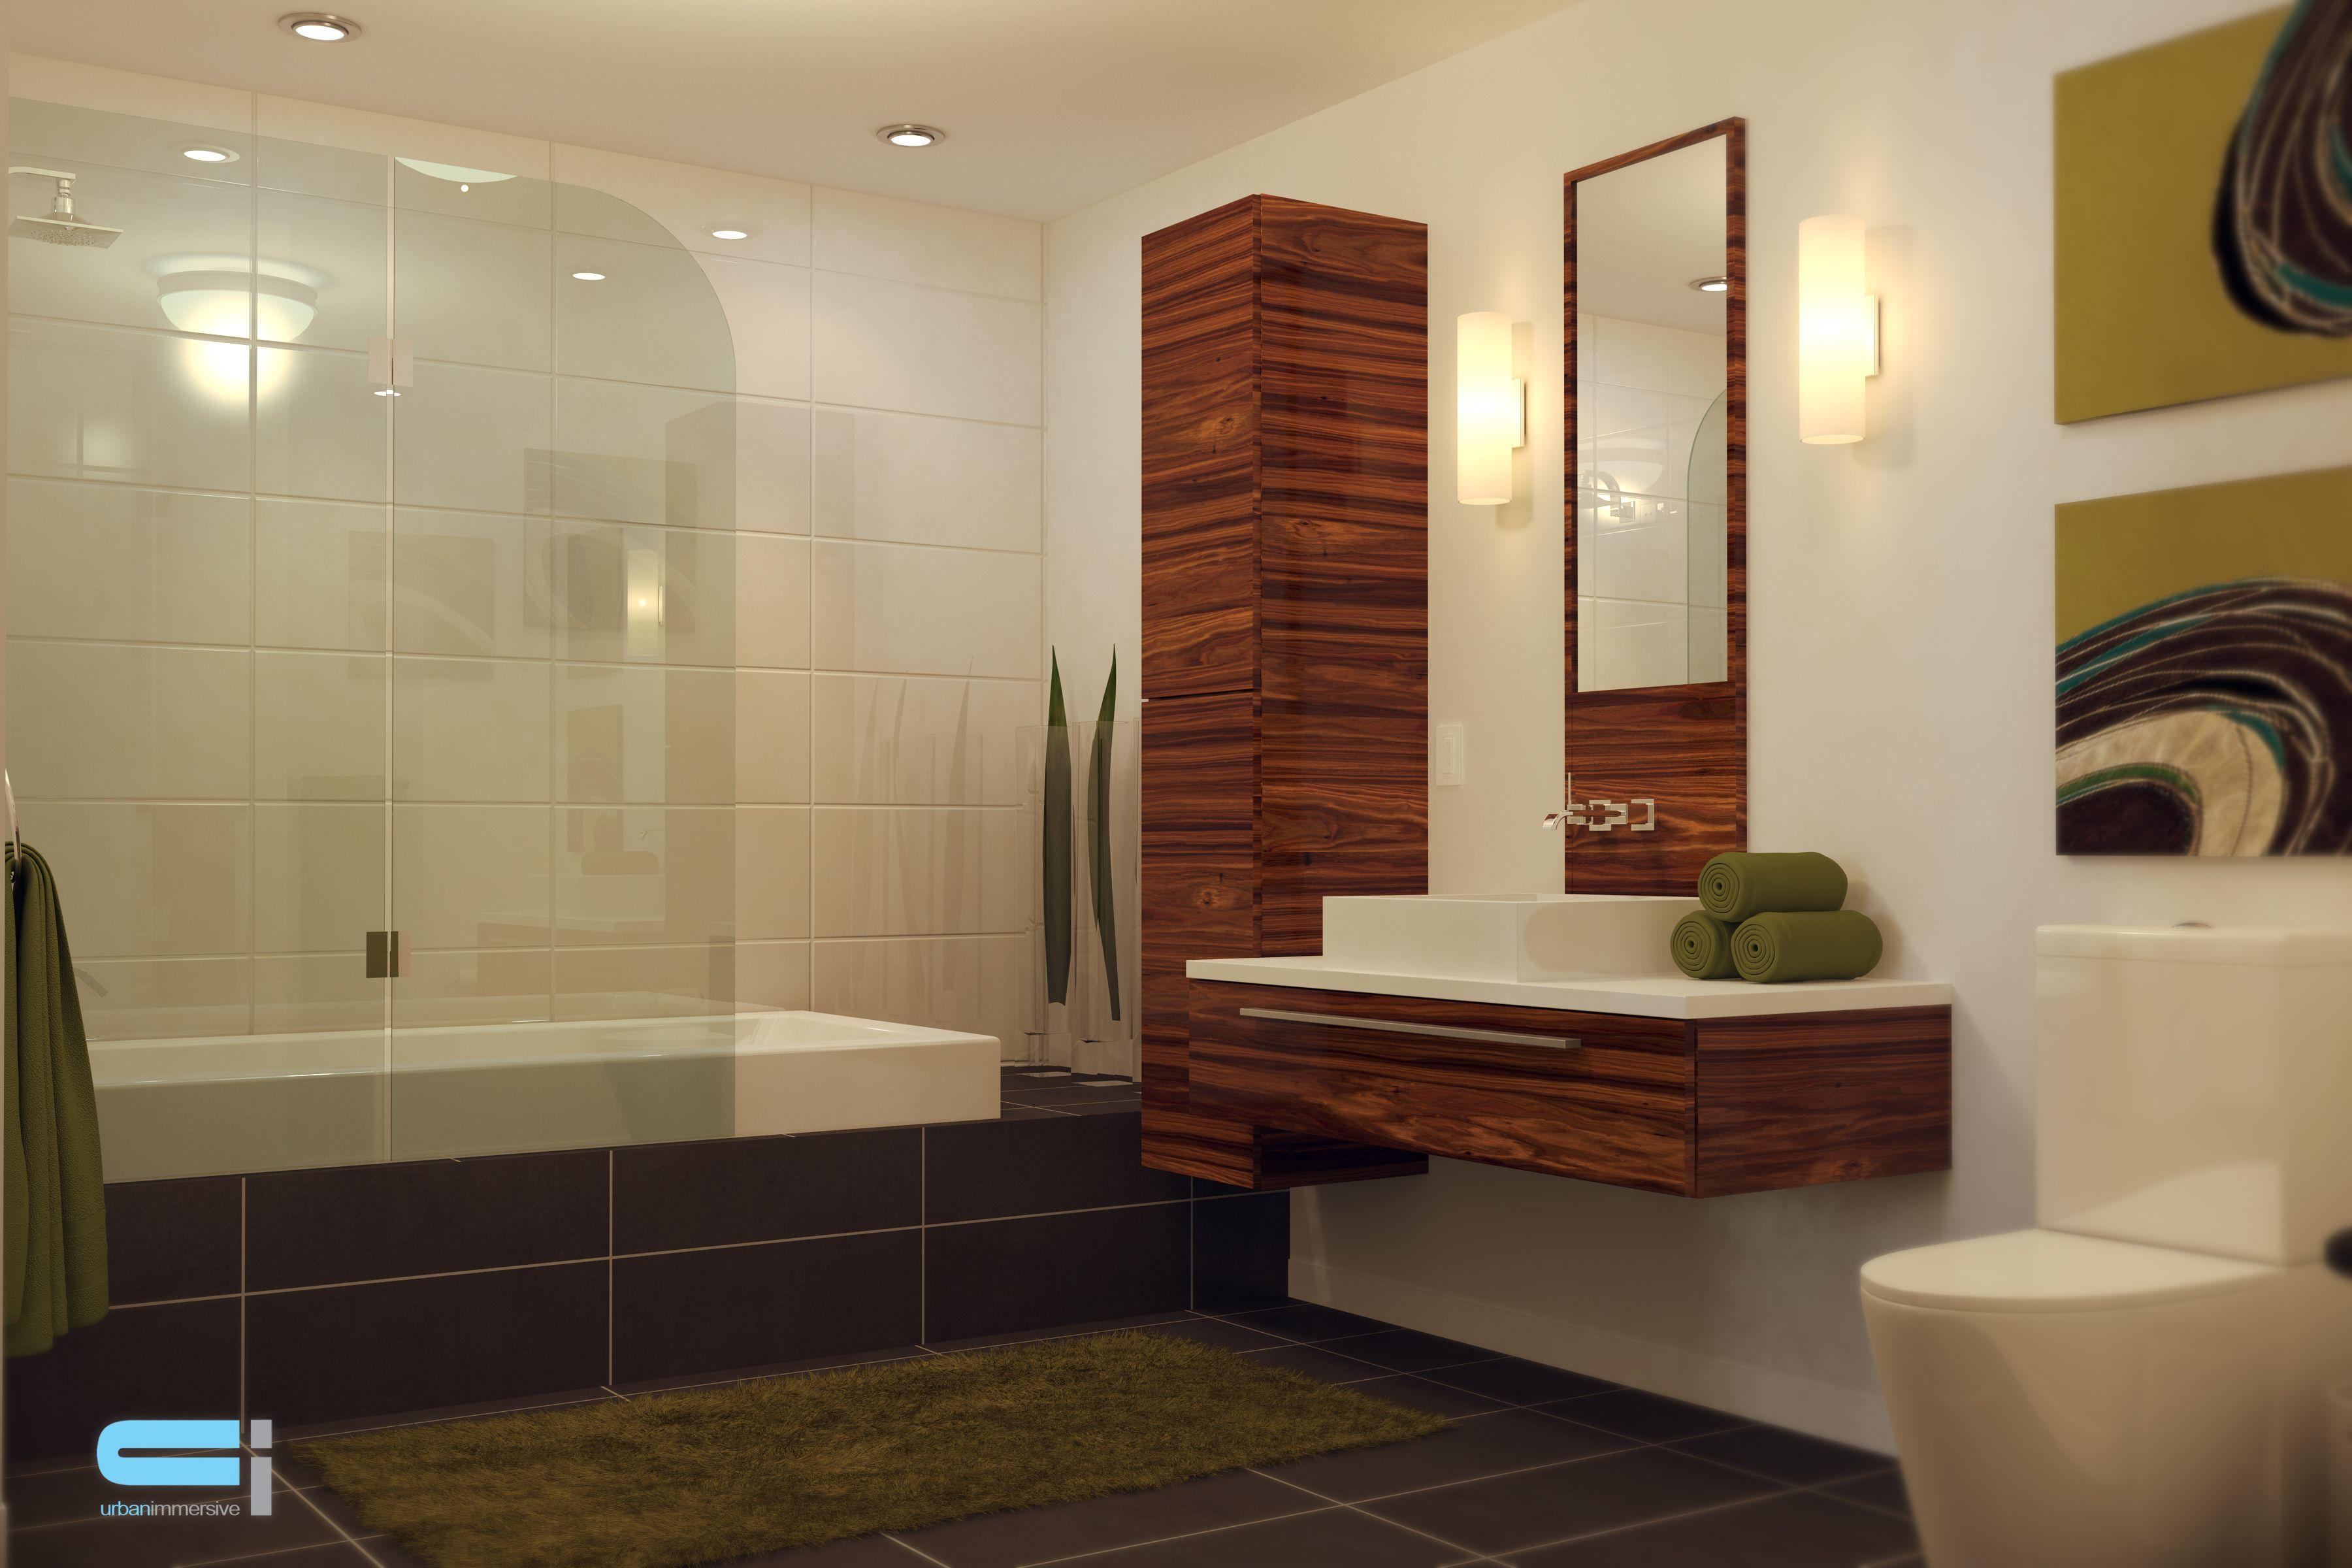 Salle De Bain Avec Bois l'abc des tendances en matière de salle de bain | salle de